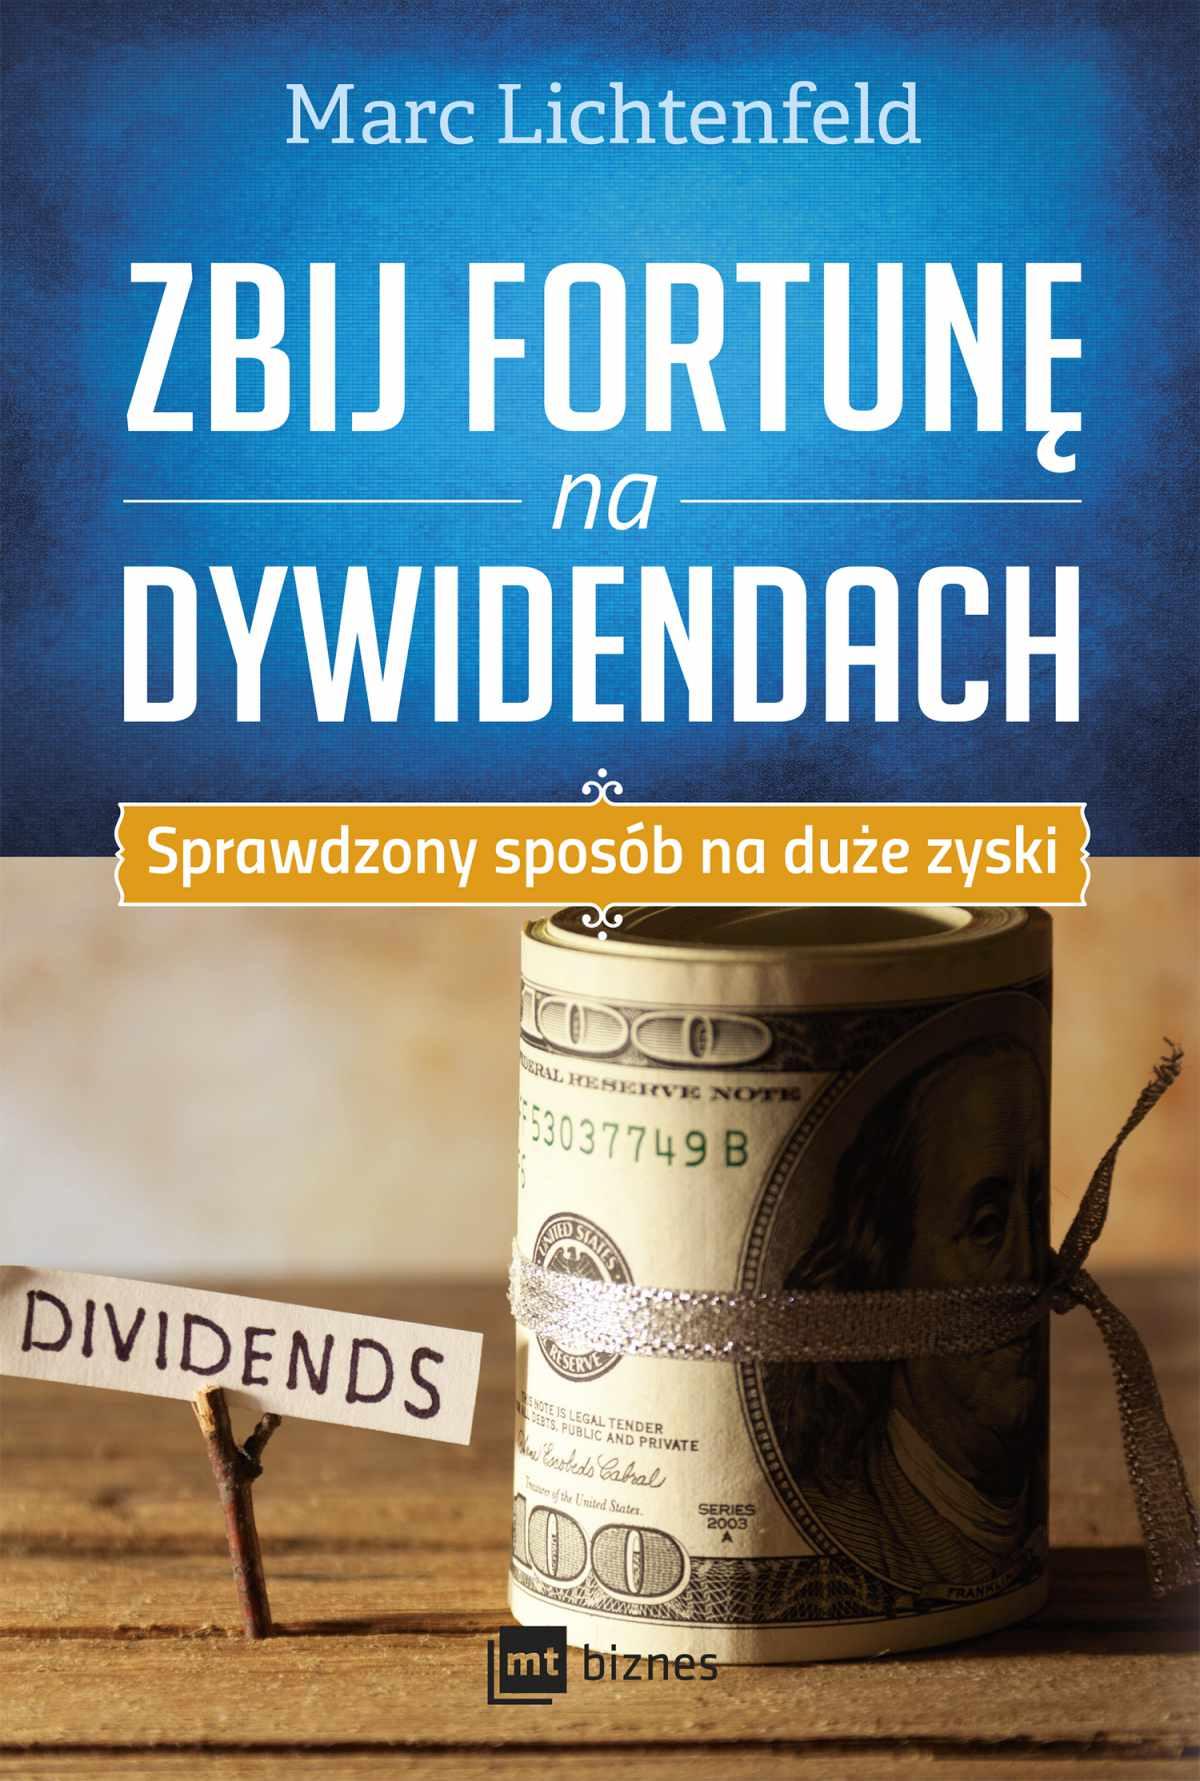 Zbij fortunę na dywidendach Sprawdzony sposób na duże zyski - Ebook (Książka na Kindle) do pobrania w formacie MOBI